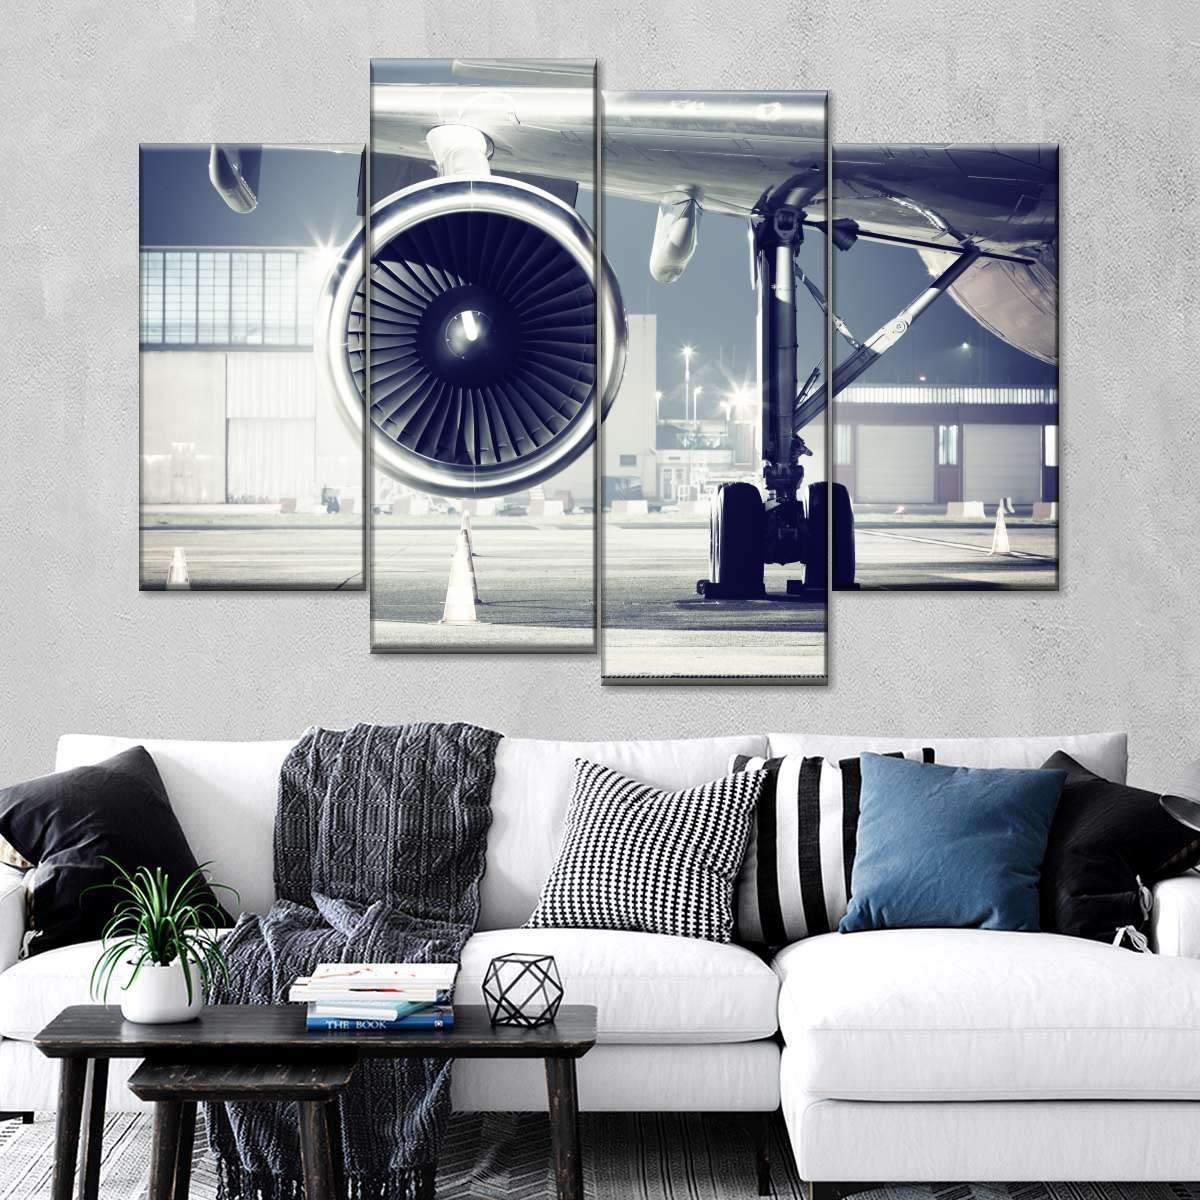 Airplane Turbine Multi Panel Canvas Wall Art